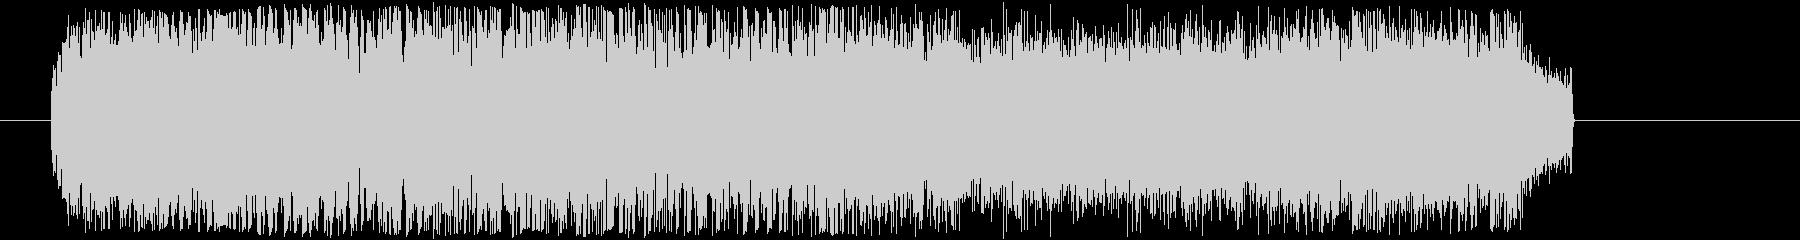 エレクトロ_ハイクオリティージングル_7の未再生の波形